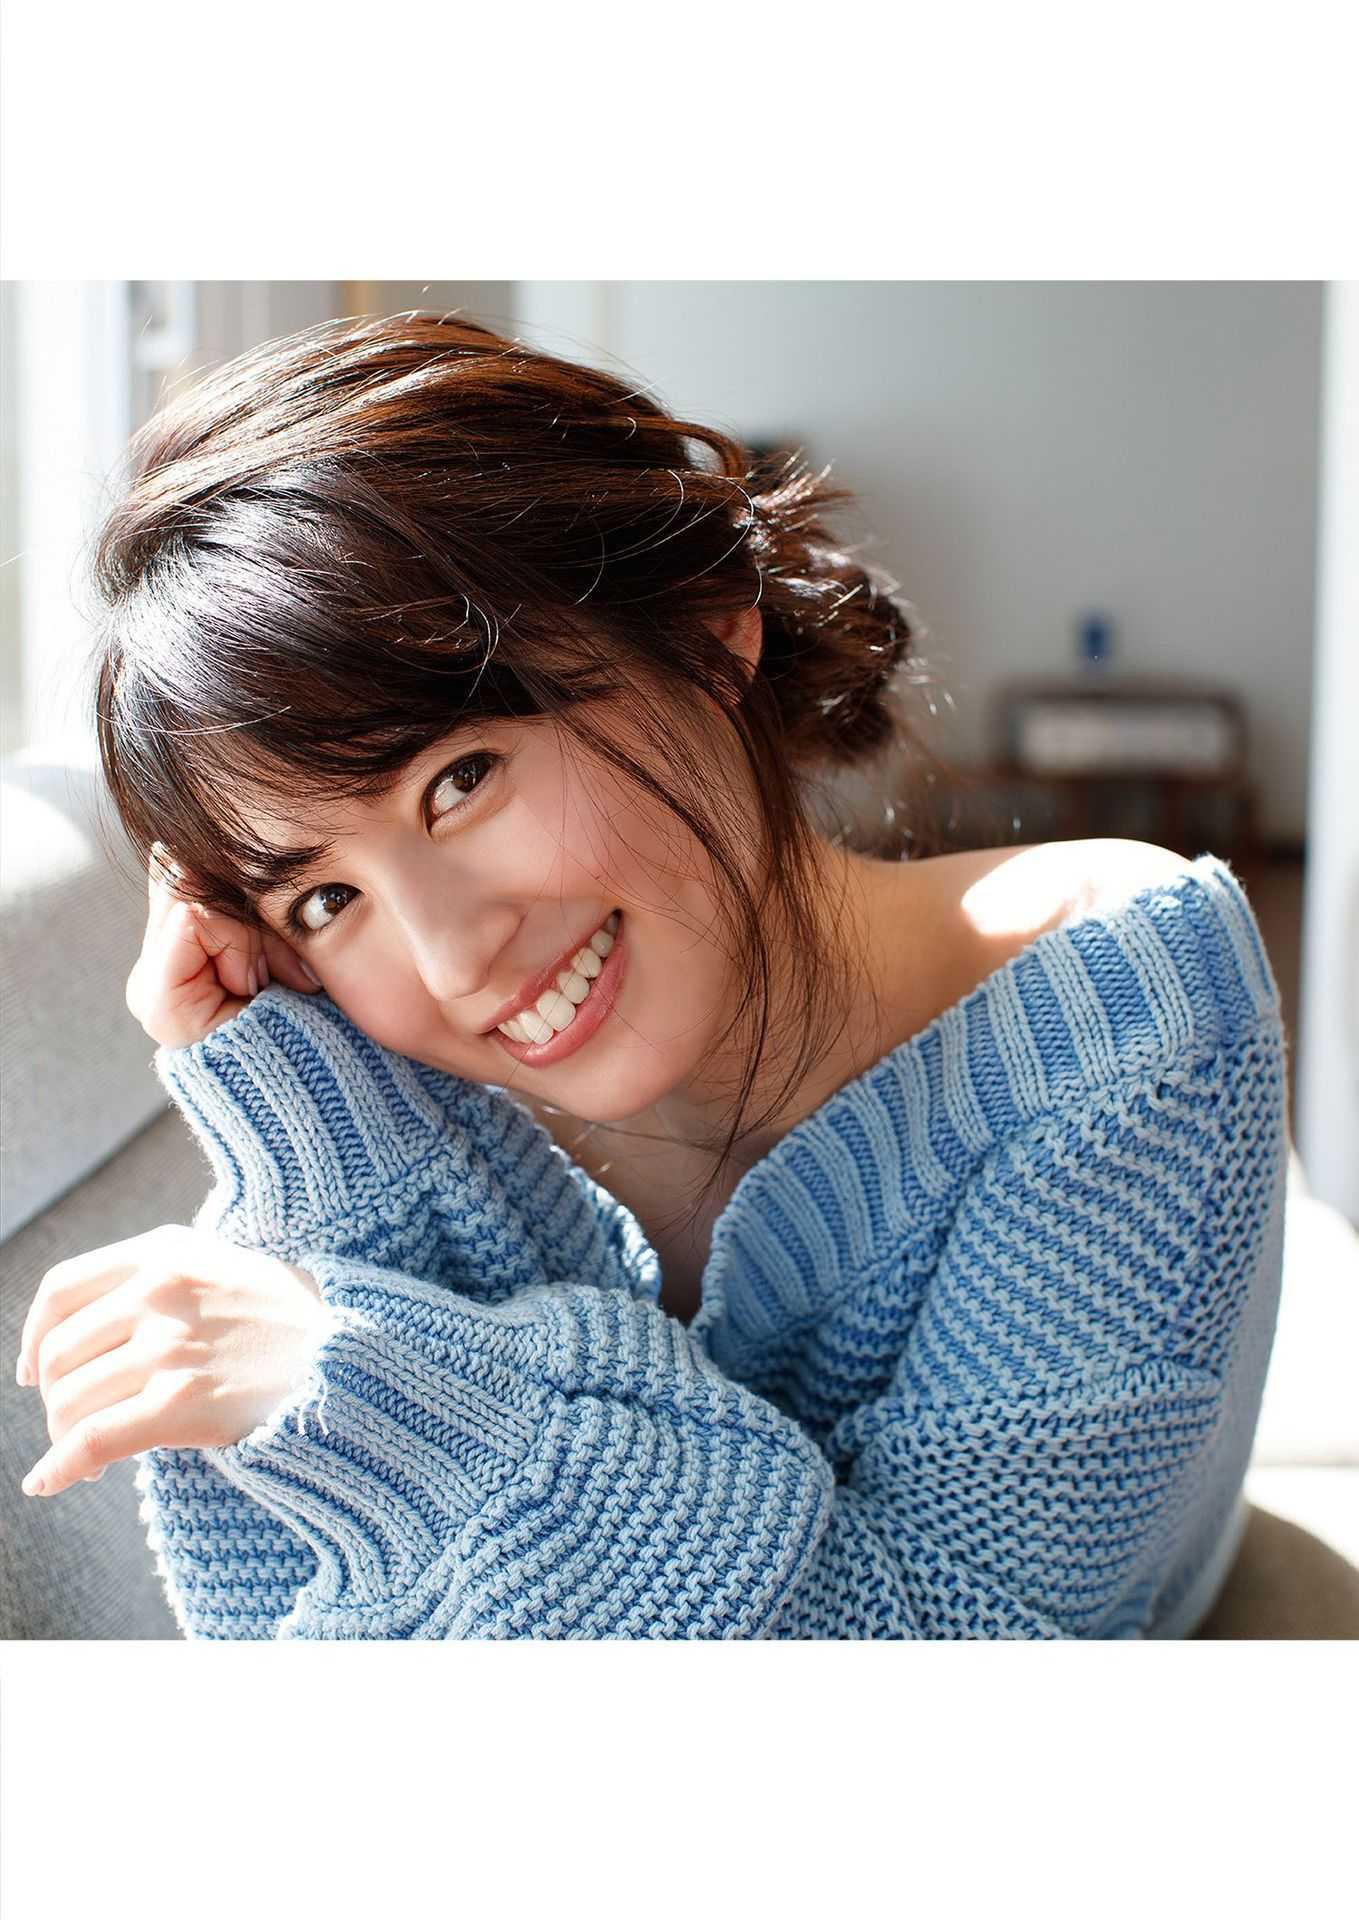 Voice actor Rikako Oita012